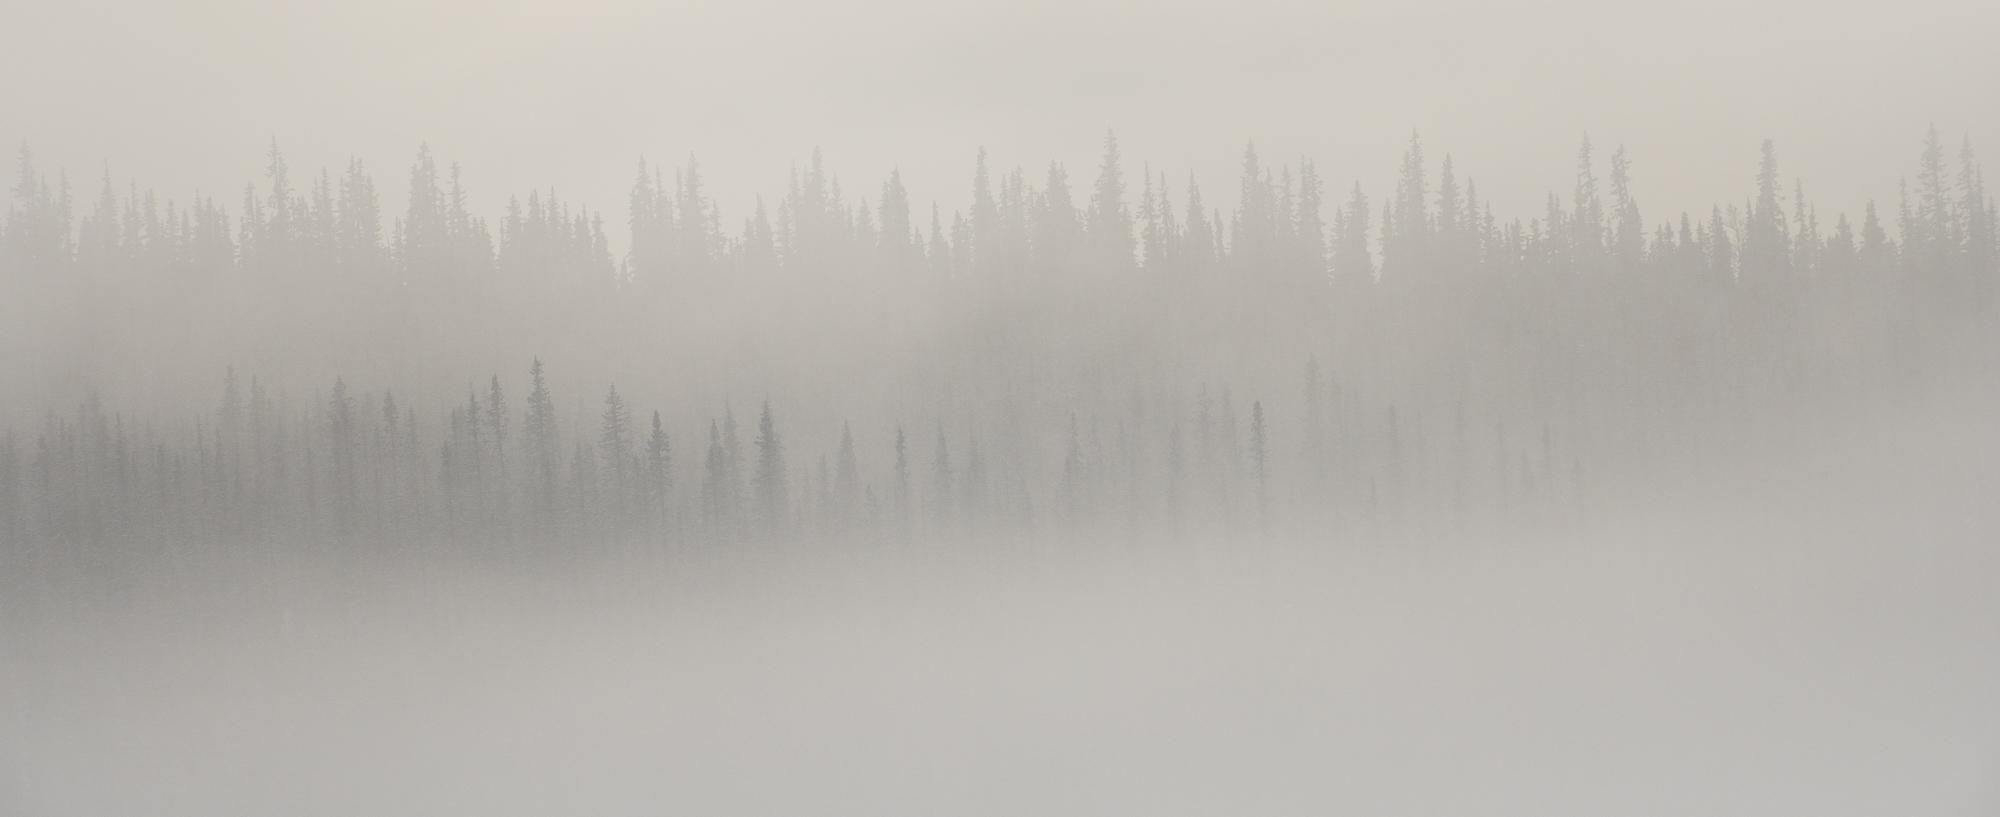 Dimman lättar över taigan.